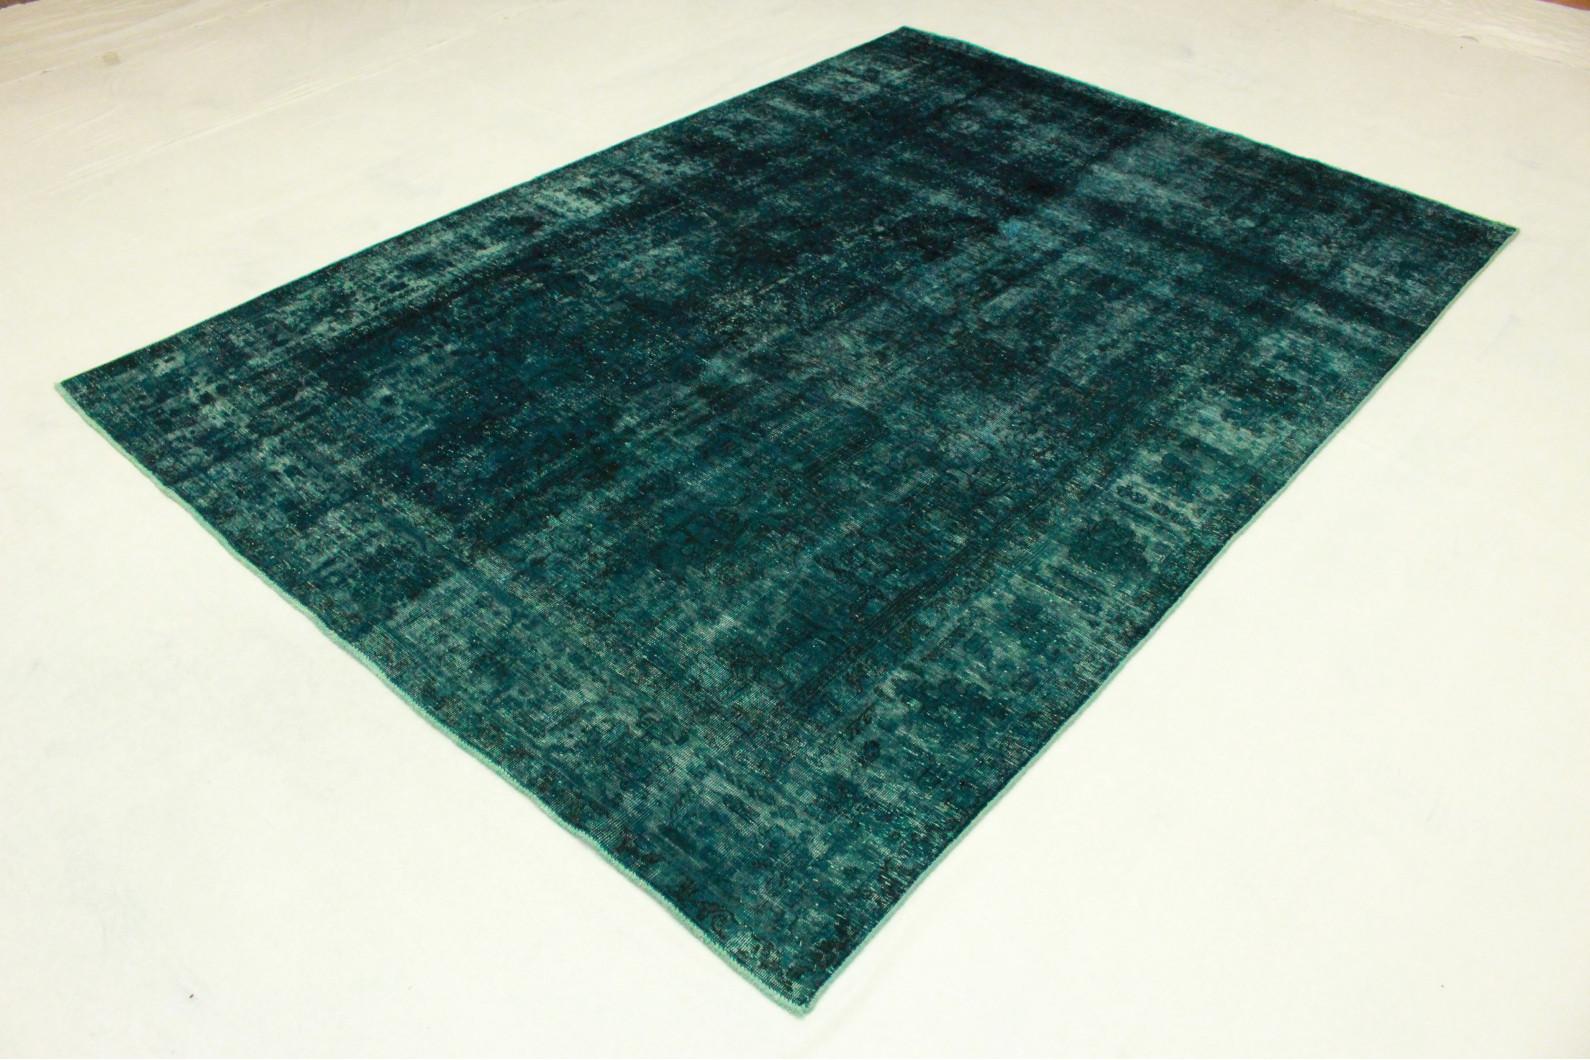 teppich vintage blau teppich vintage look vintage carpet. Black Bedroom Furniture Sets. Home Design Ideas